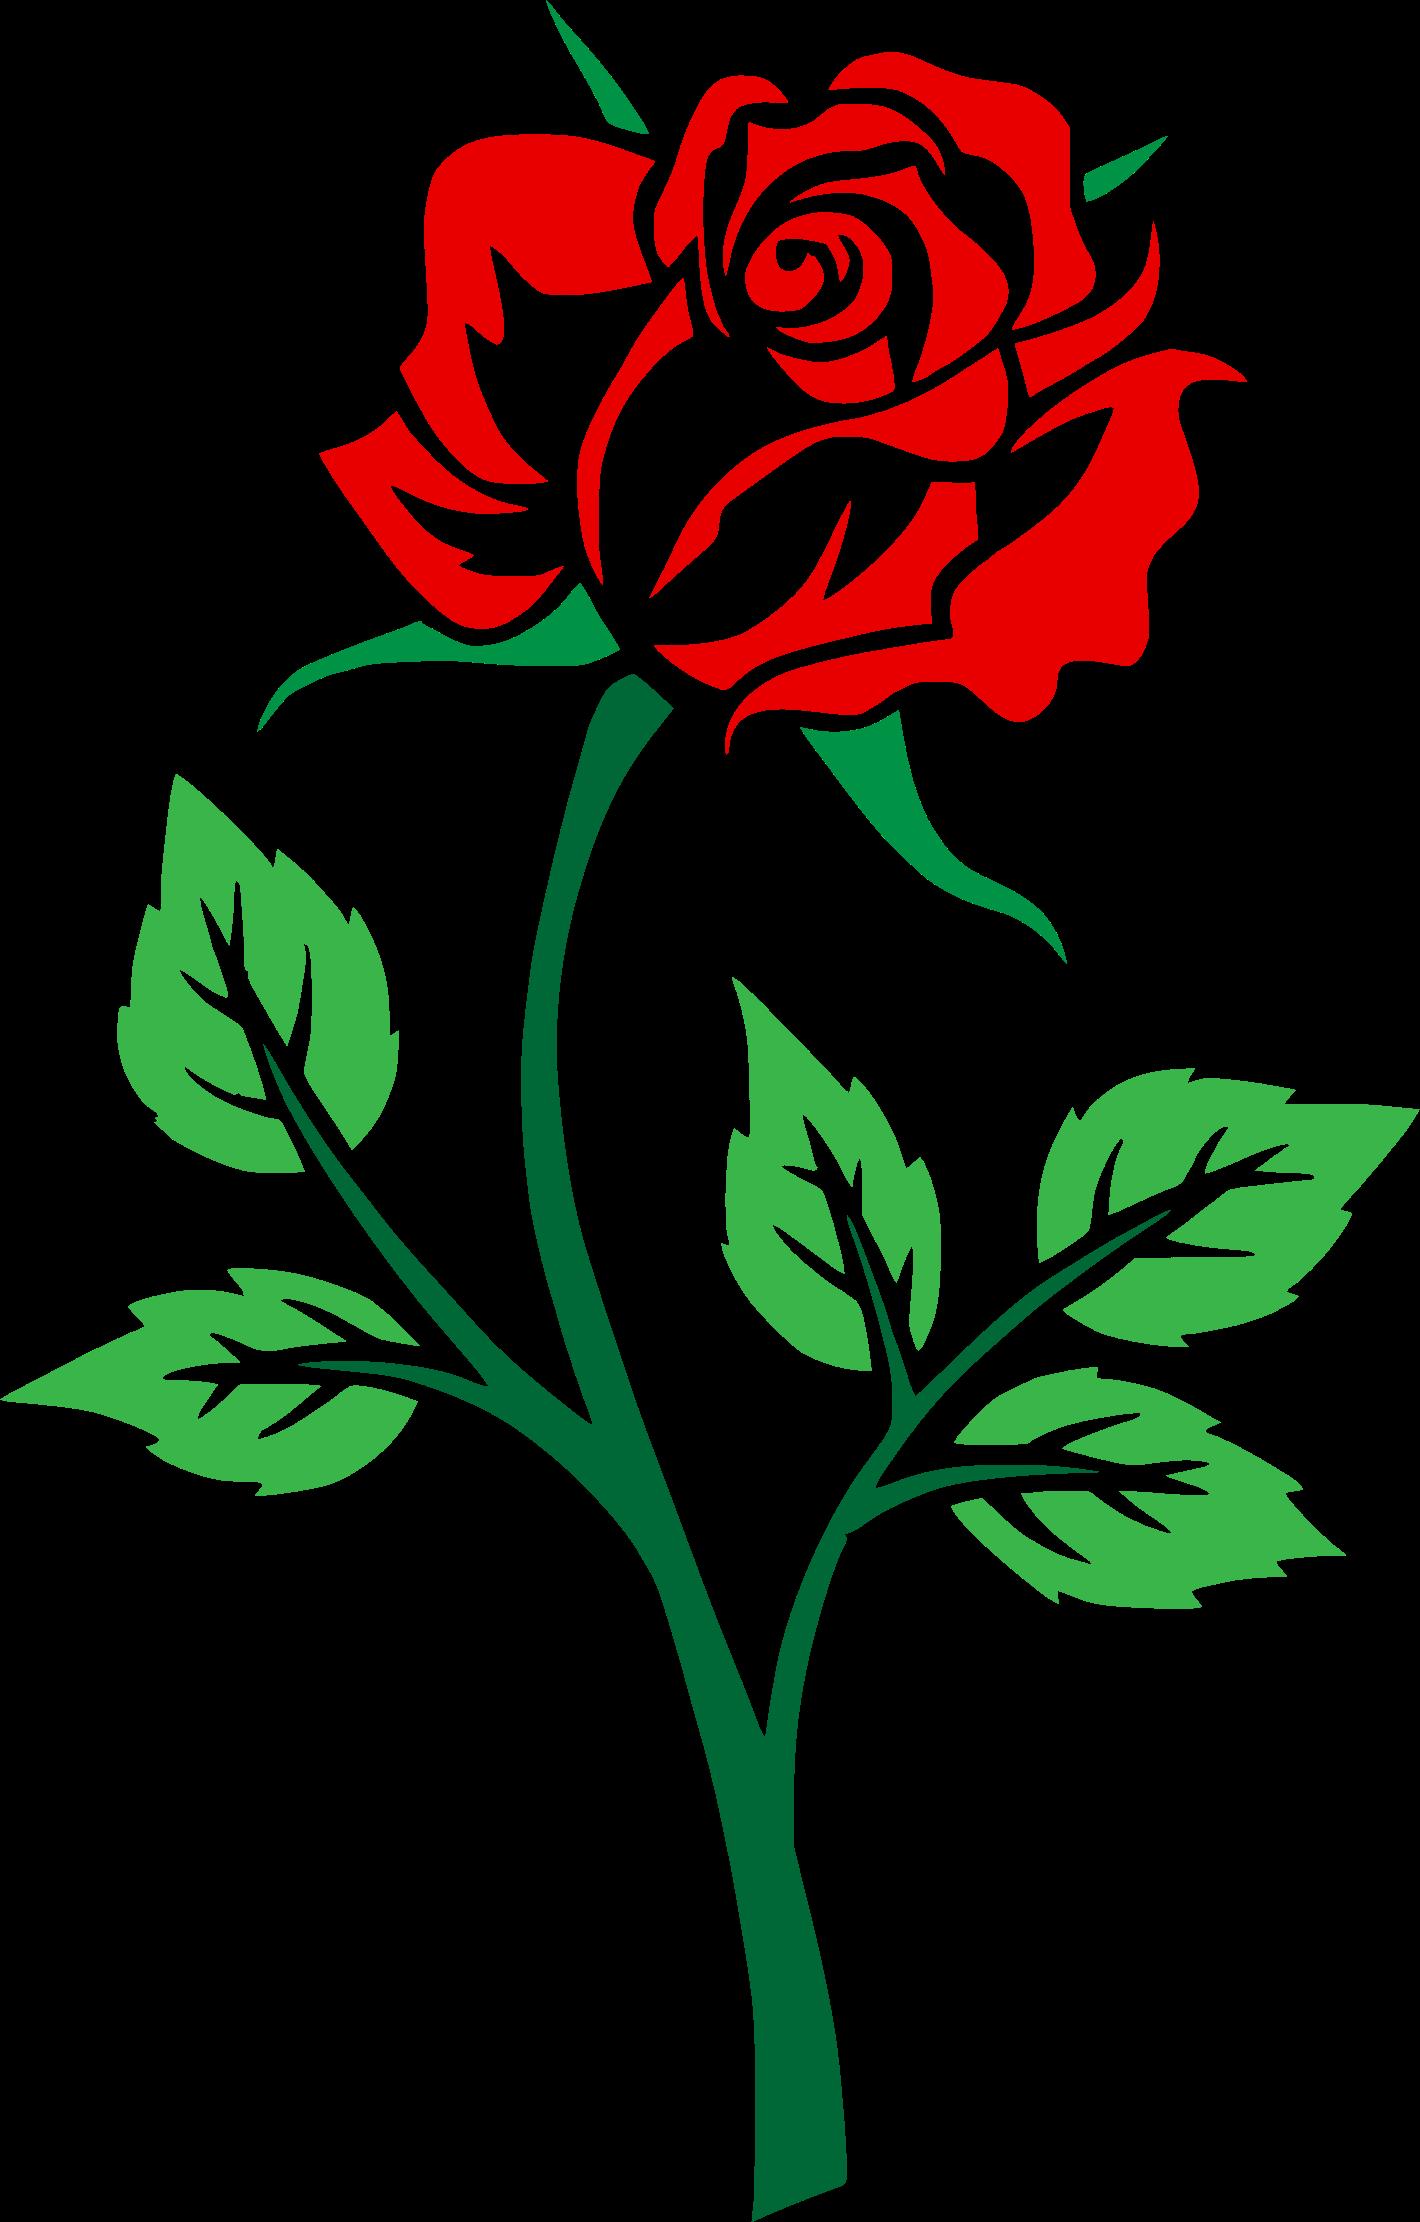 Colored big image png. Rose clipart leaf